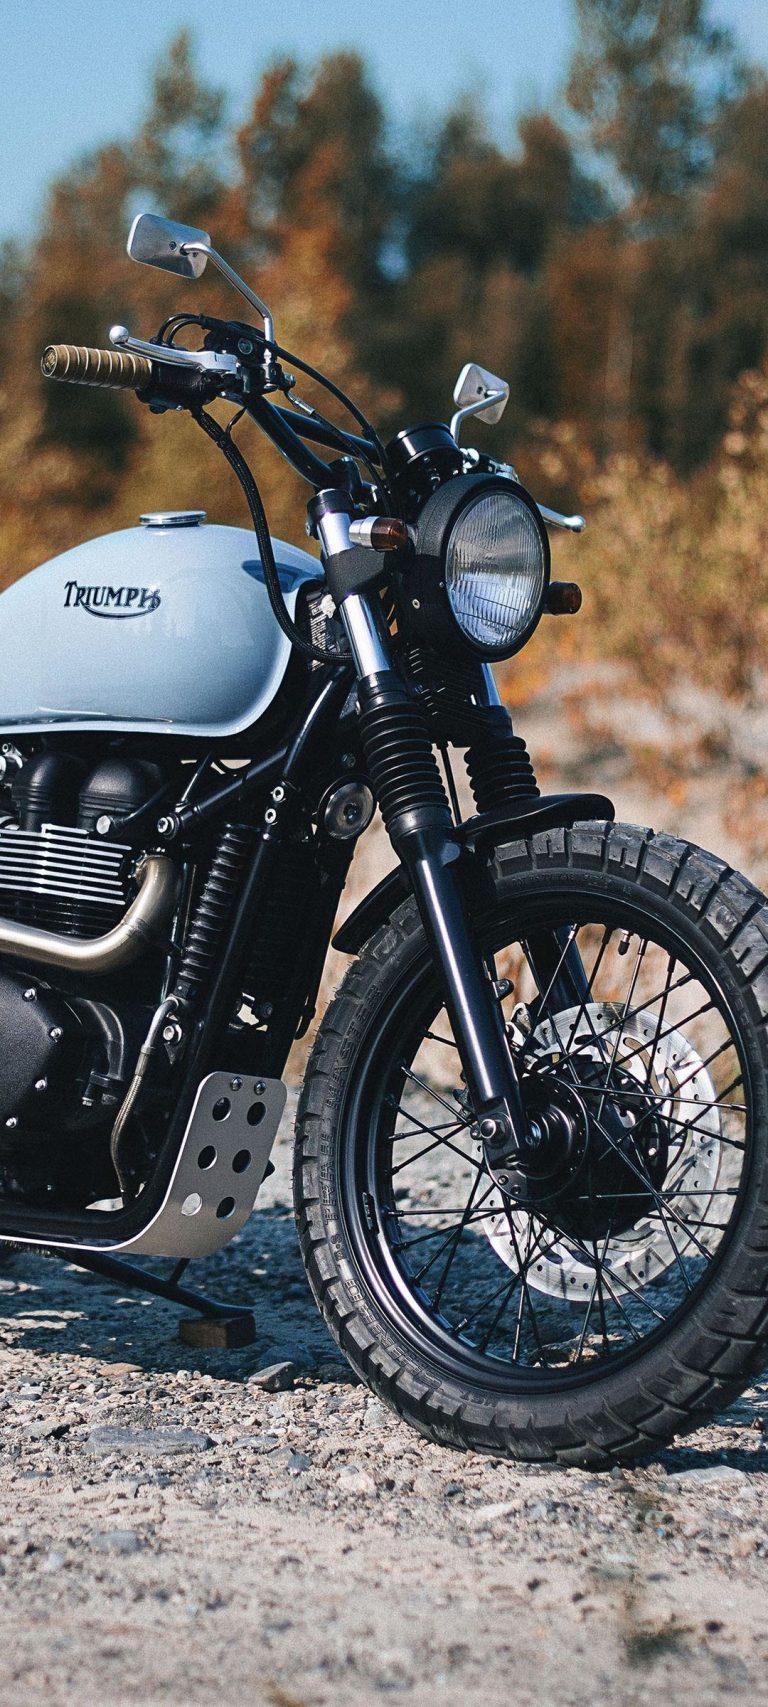 Triumph Bonneville Bike Side View 1080x2400 768x1707